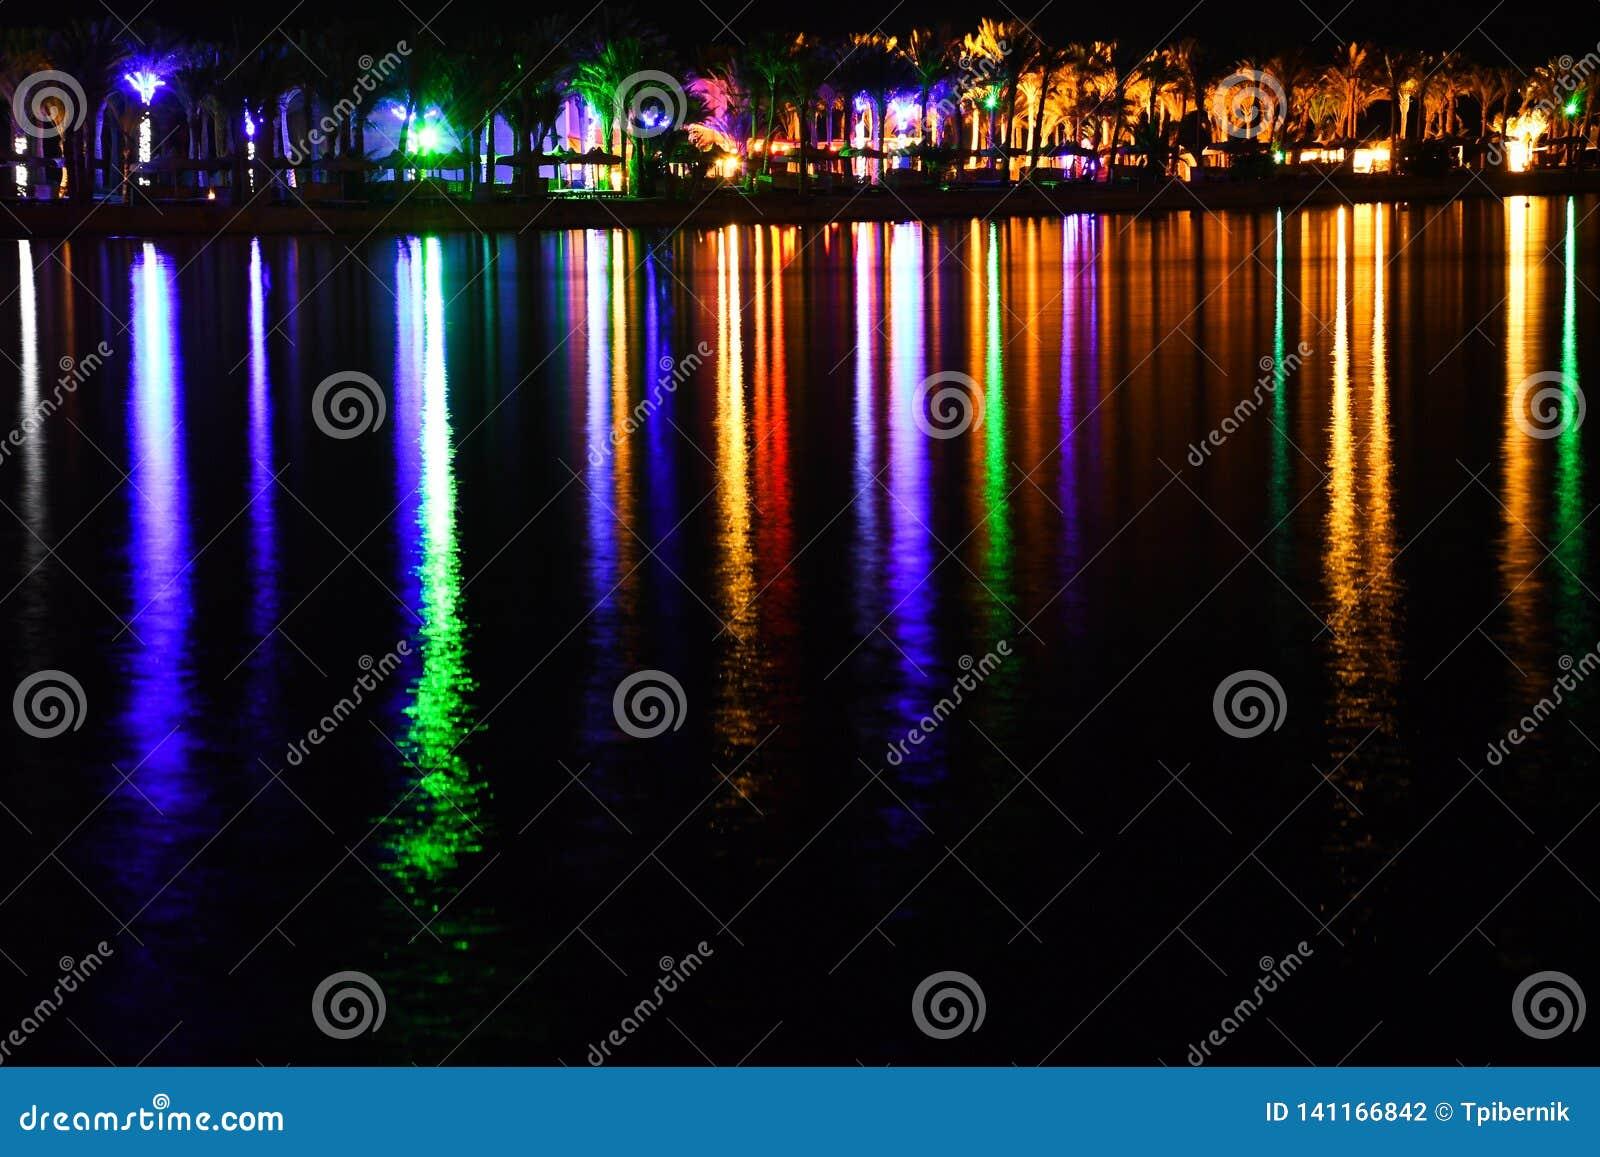 Relâmpago da noite e praia de brilho com luzes coloridas e reflexão longa bonita